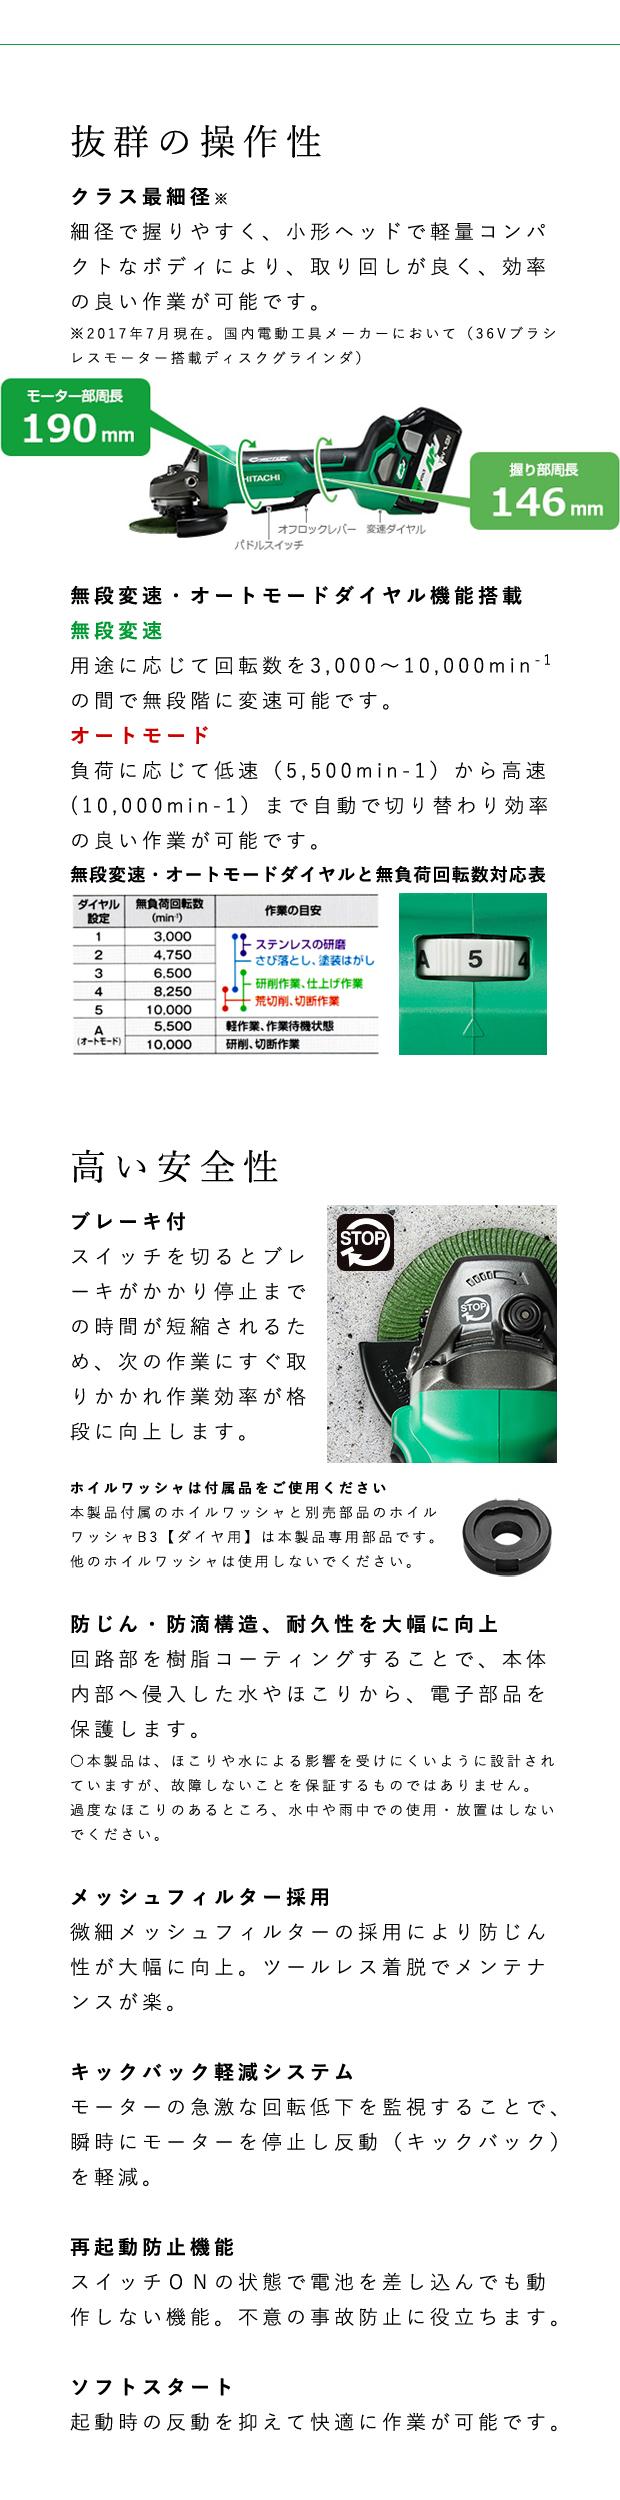 日立 マルチボルトコードレスディスクグラインダ G3610DB